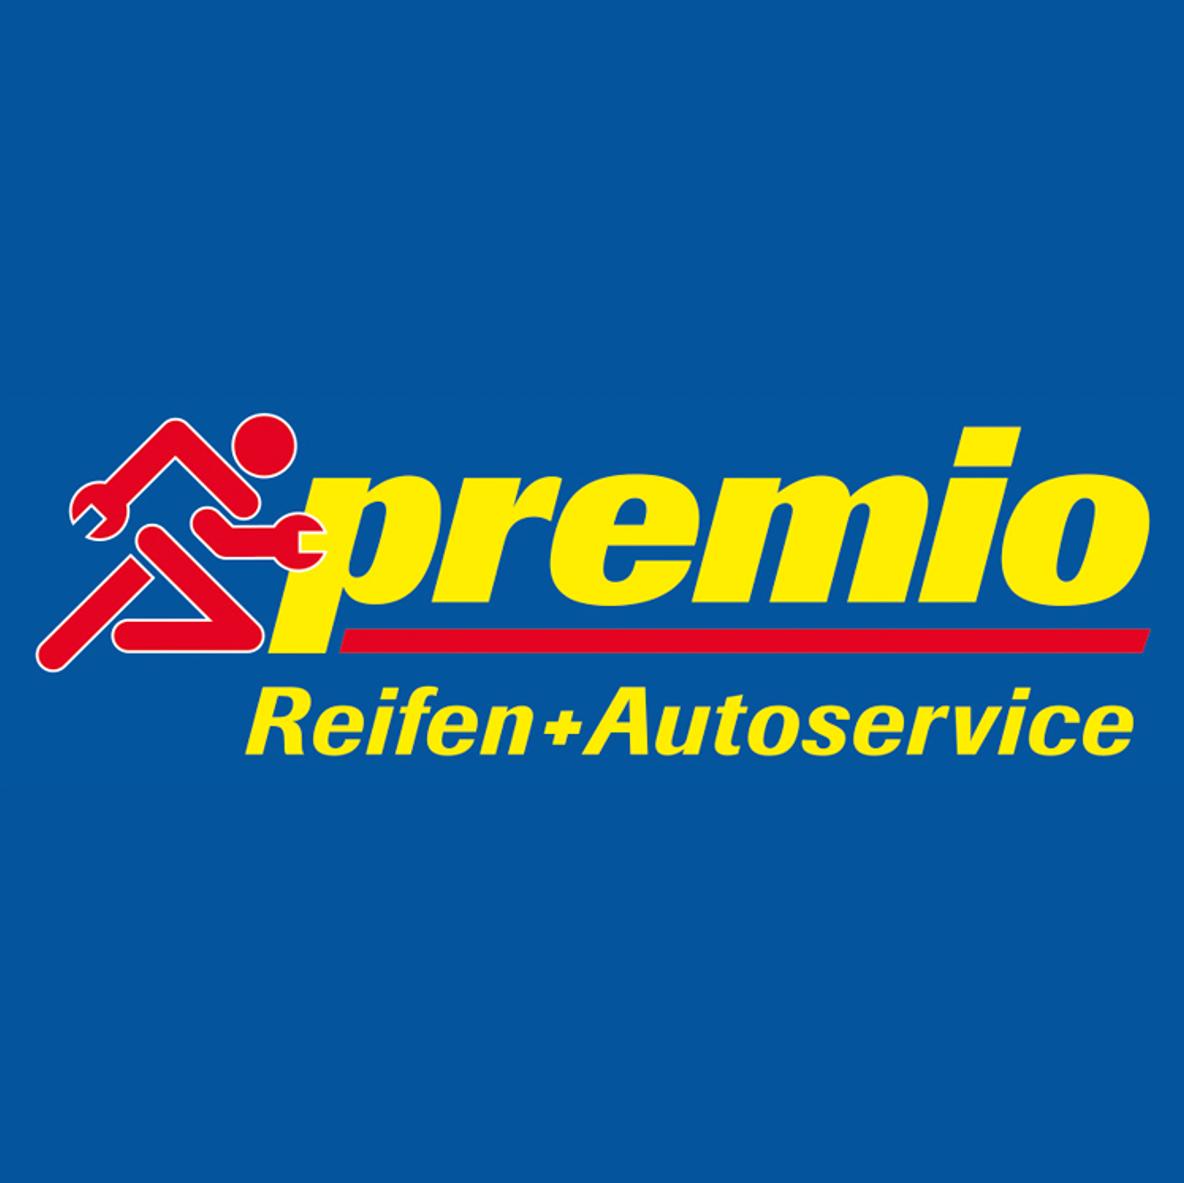 Premio Reifen + Autoservice Reifen und Autoservice Neuss GmbH